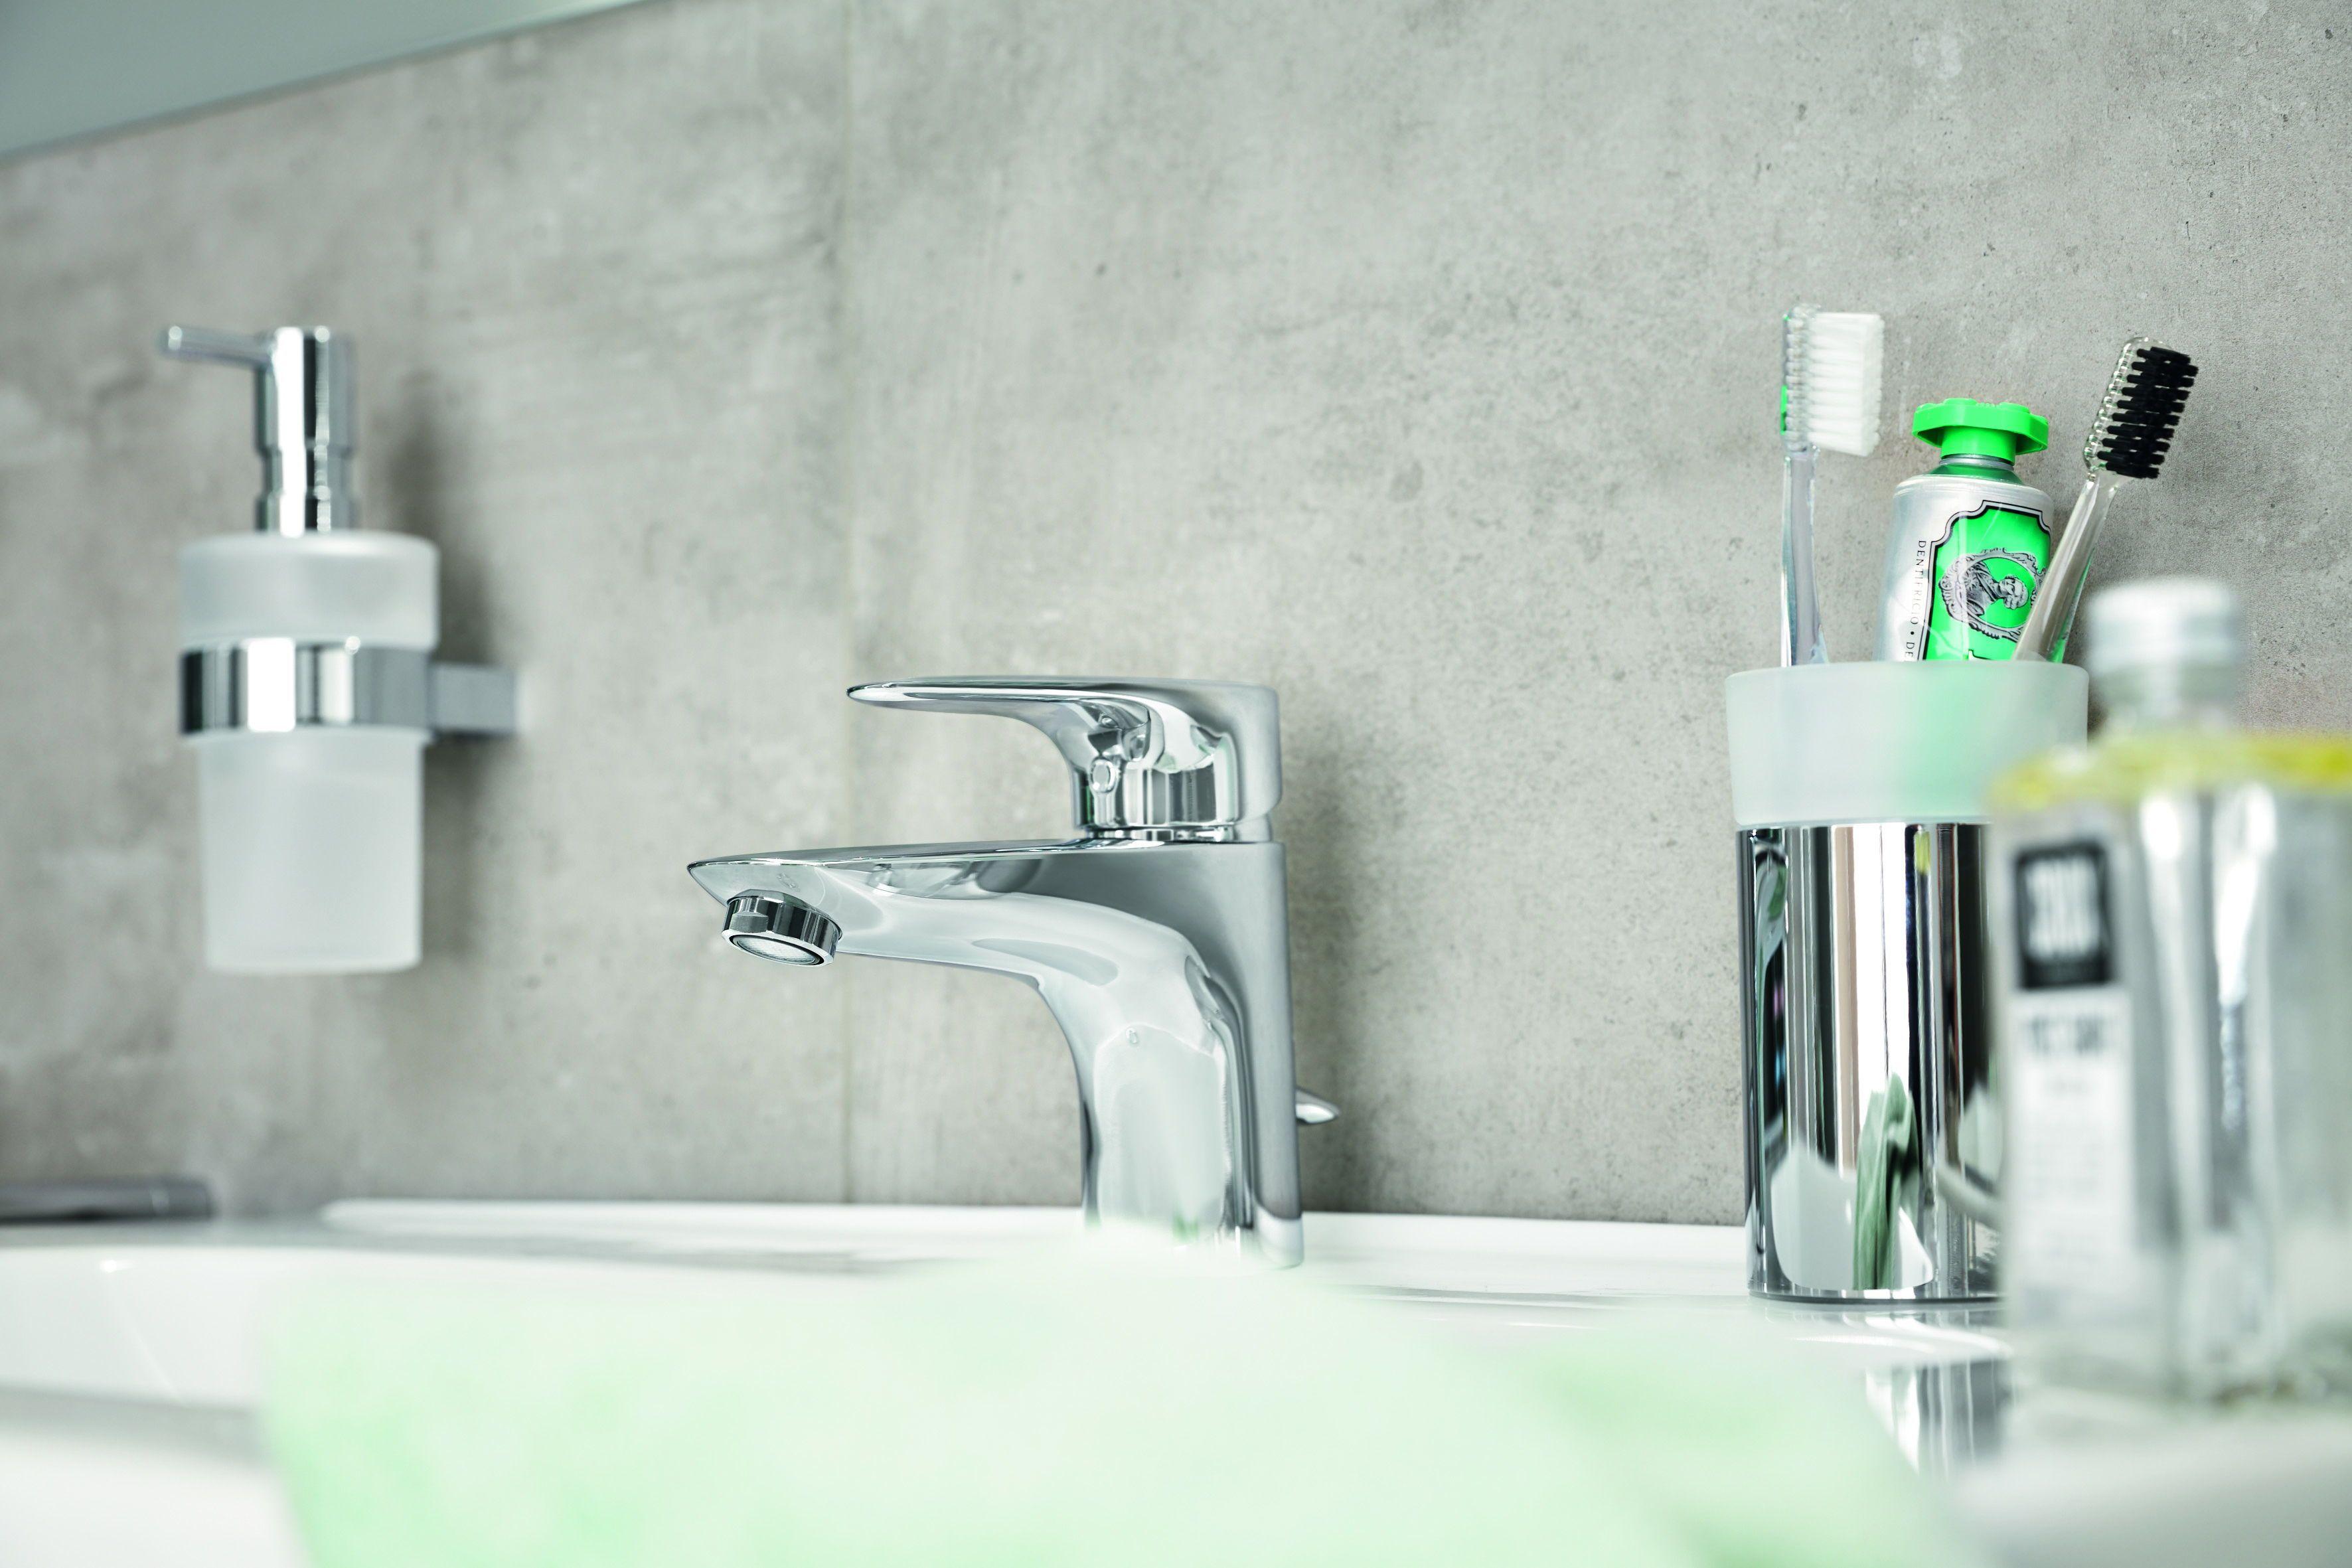 Wasser Sparen Im Bad In 2020 Wasser Sparen Randloses Wc Neues Badezimmer